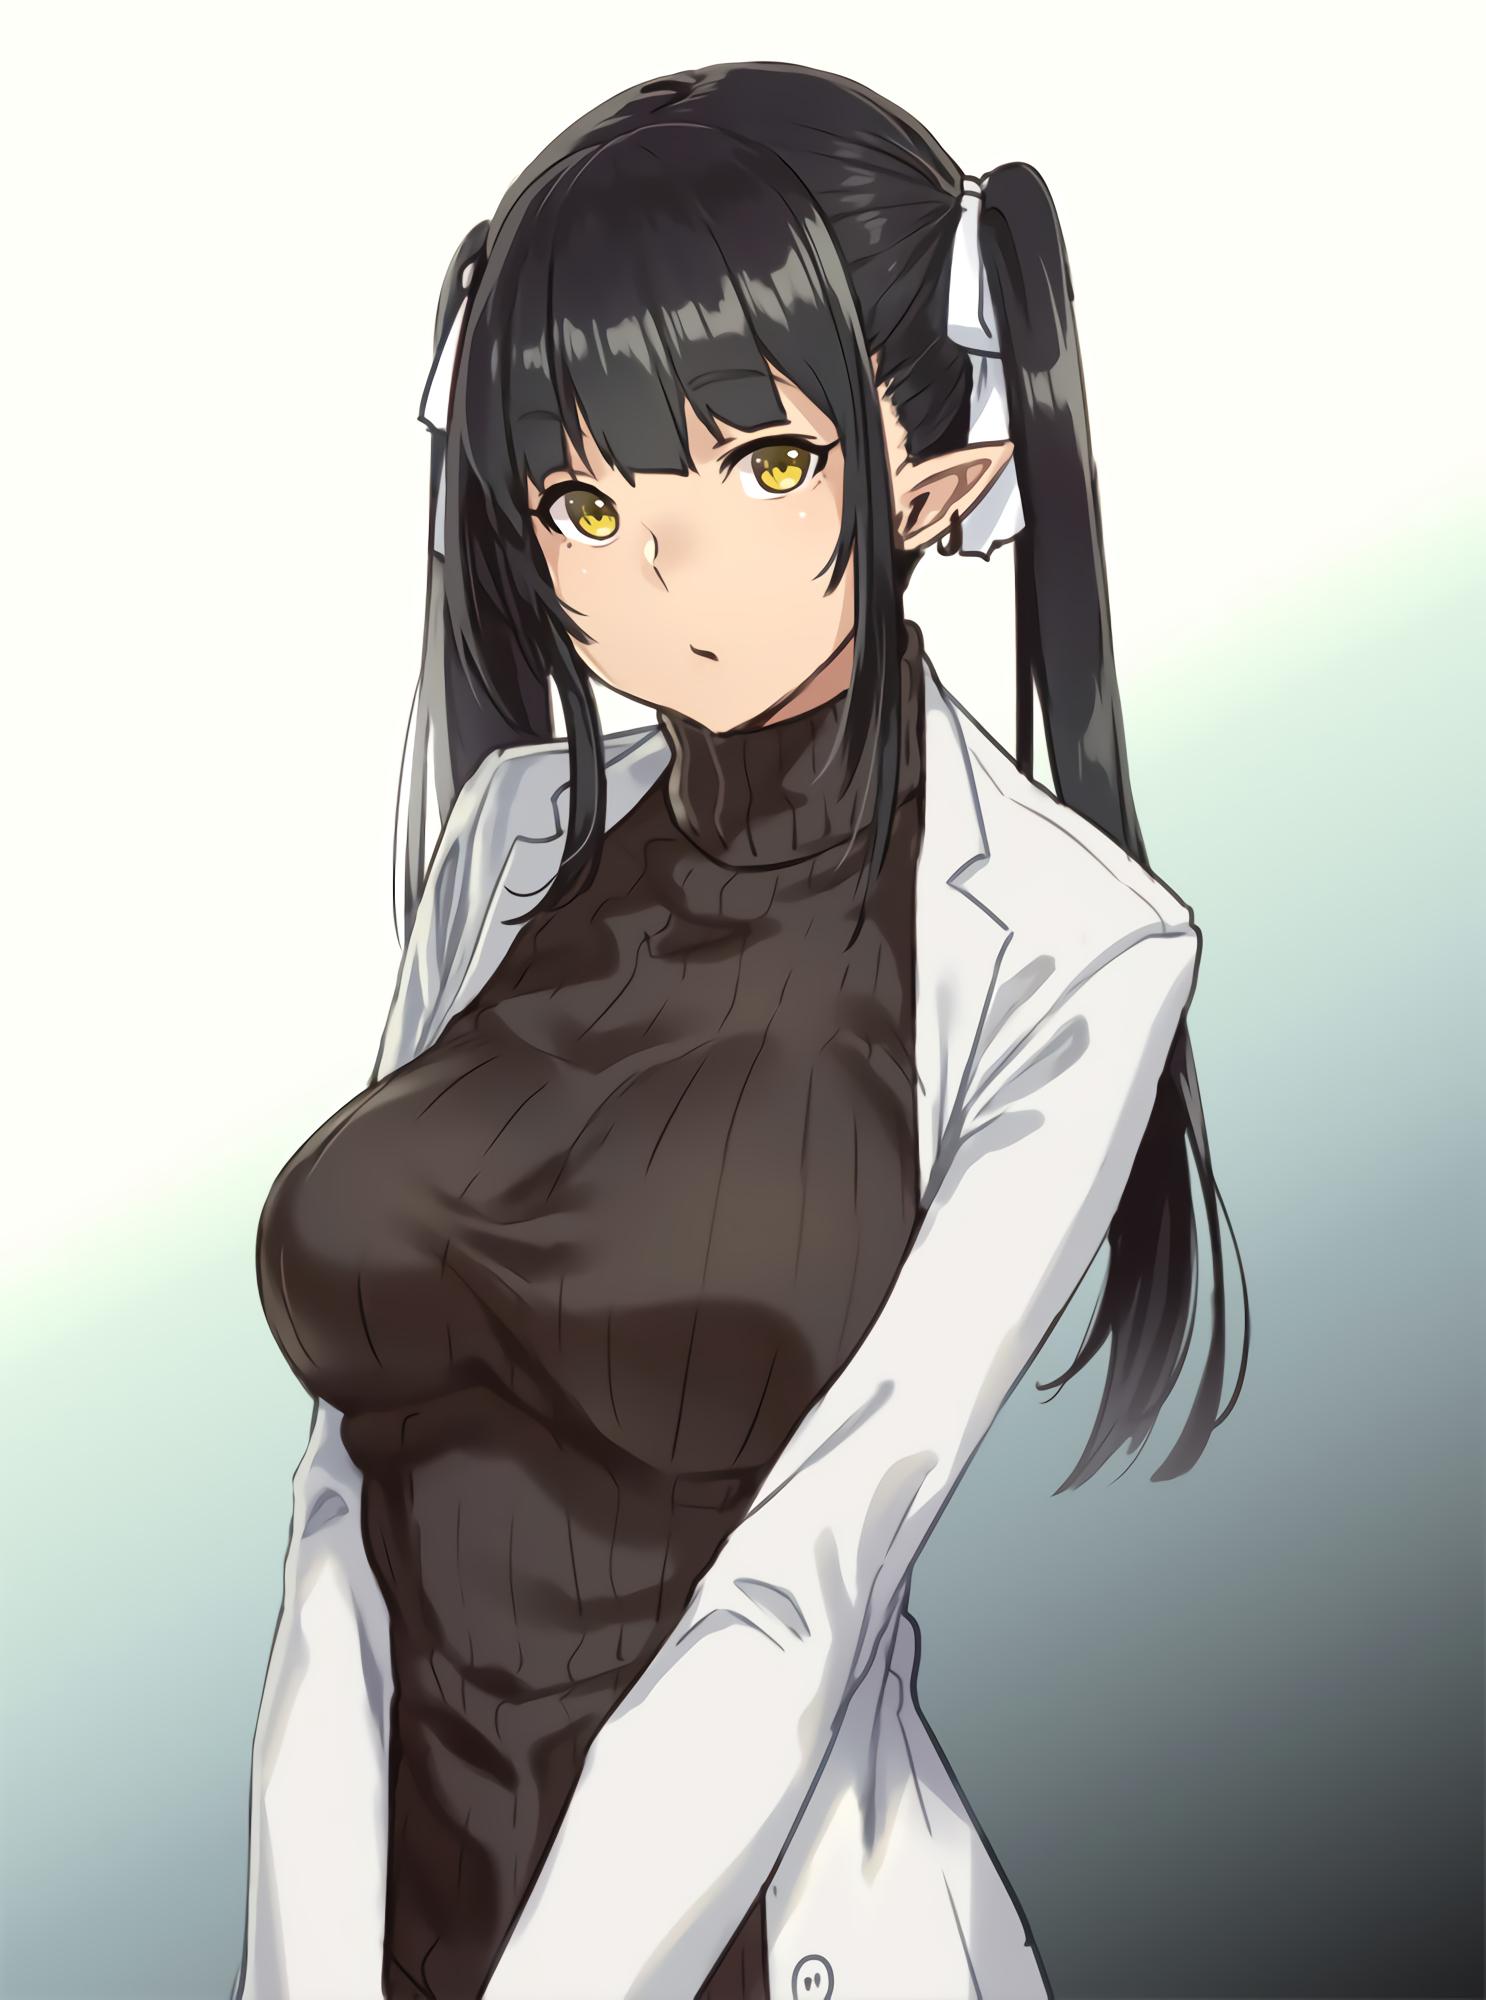 Anime Characters Don T Look Asian : Masaüstü elfler anime girls orijinal karakterler